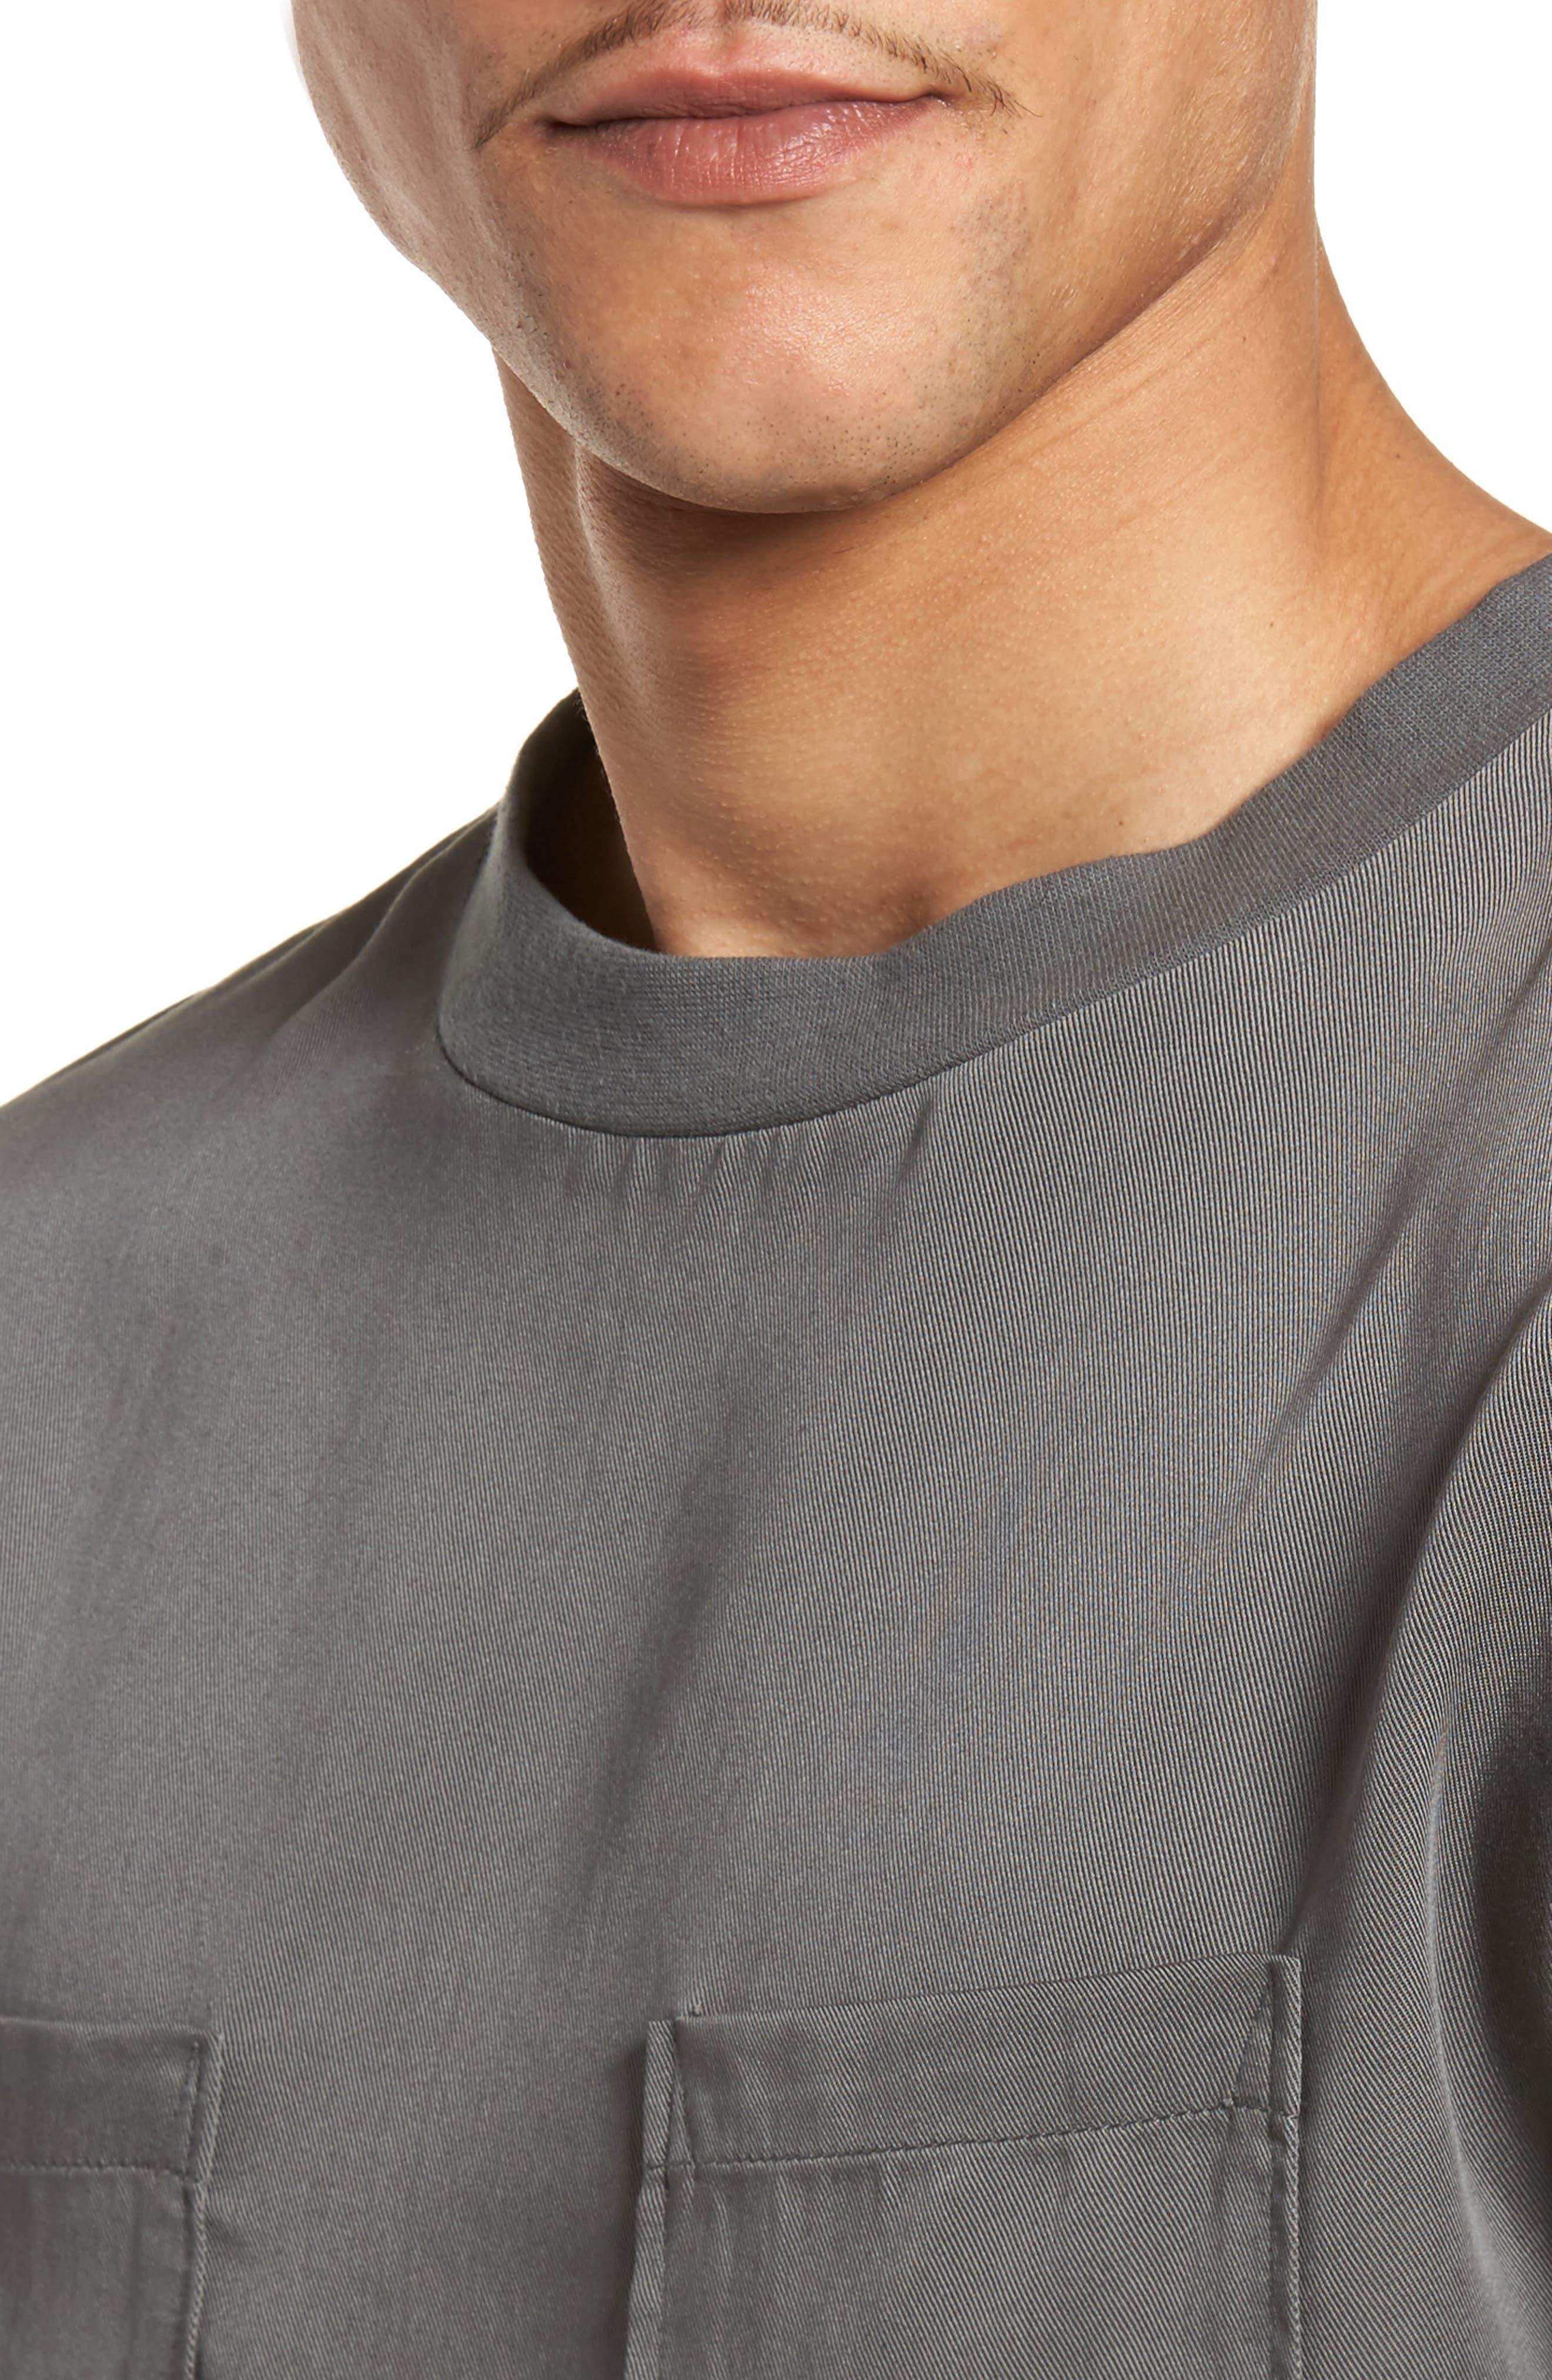 Denali Woven T-Shirt,                             Alternate thumbnail 4, color,                             020